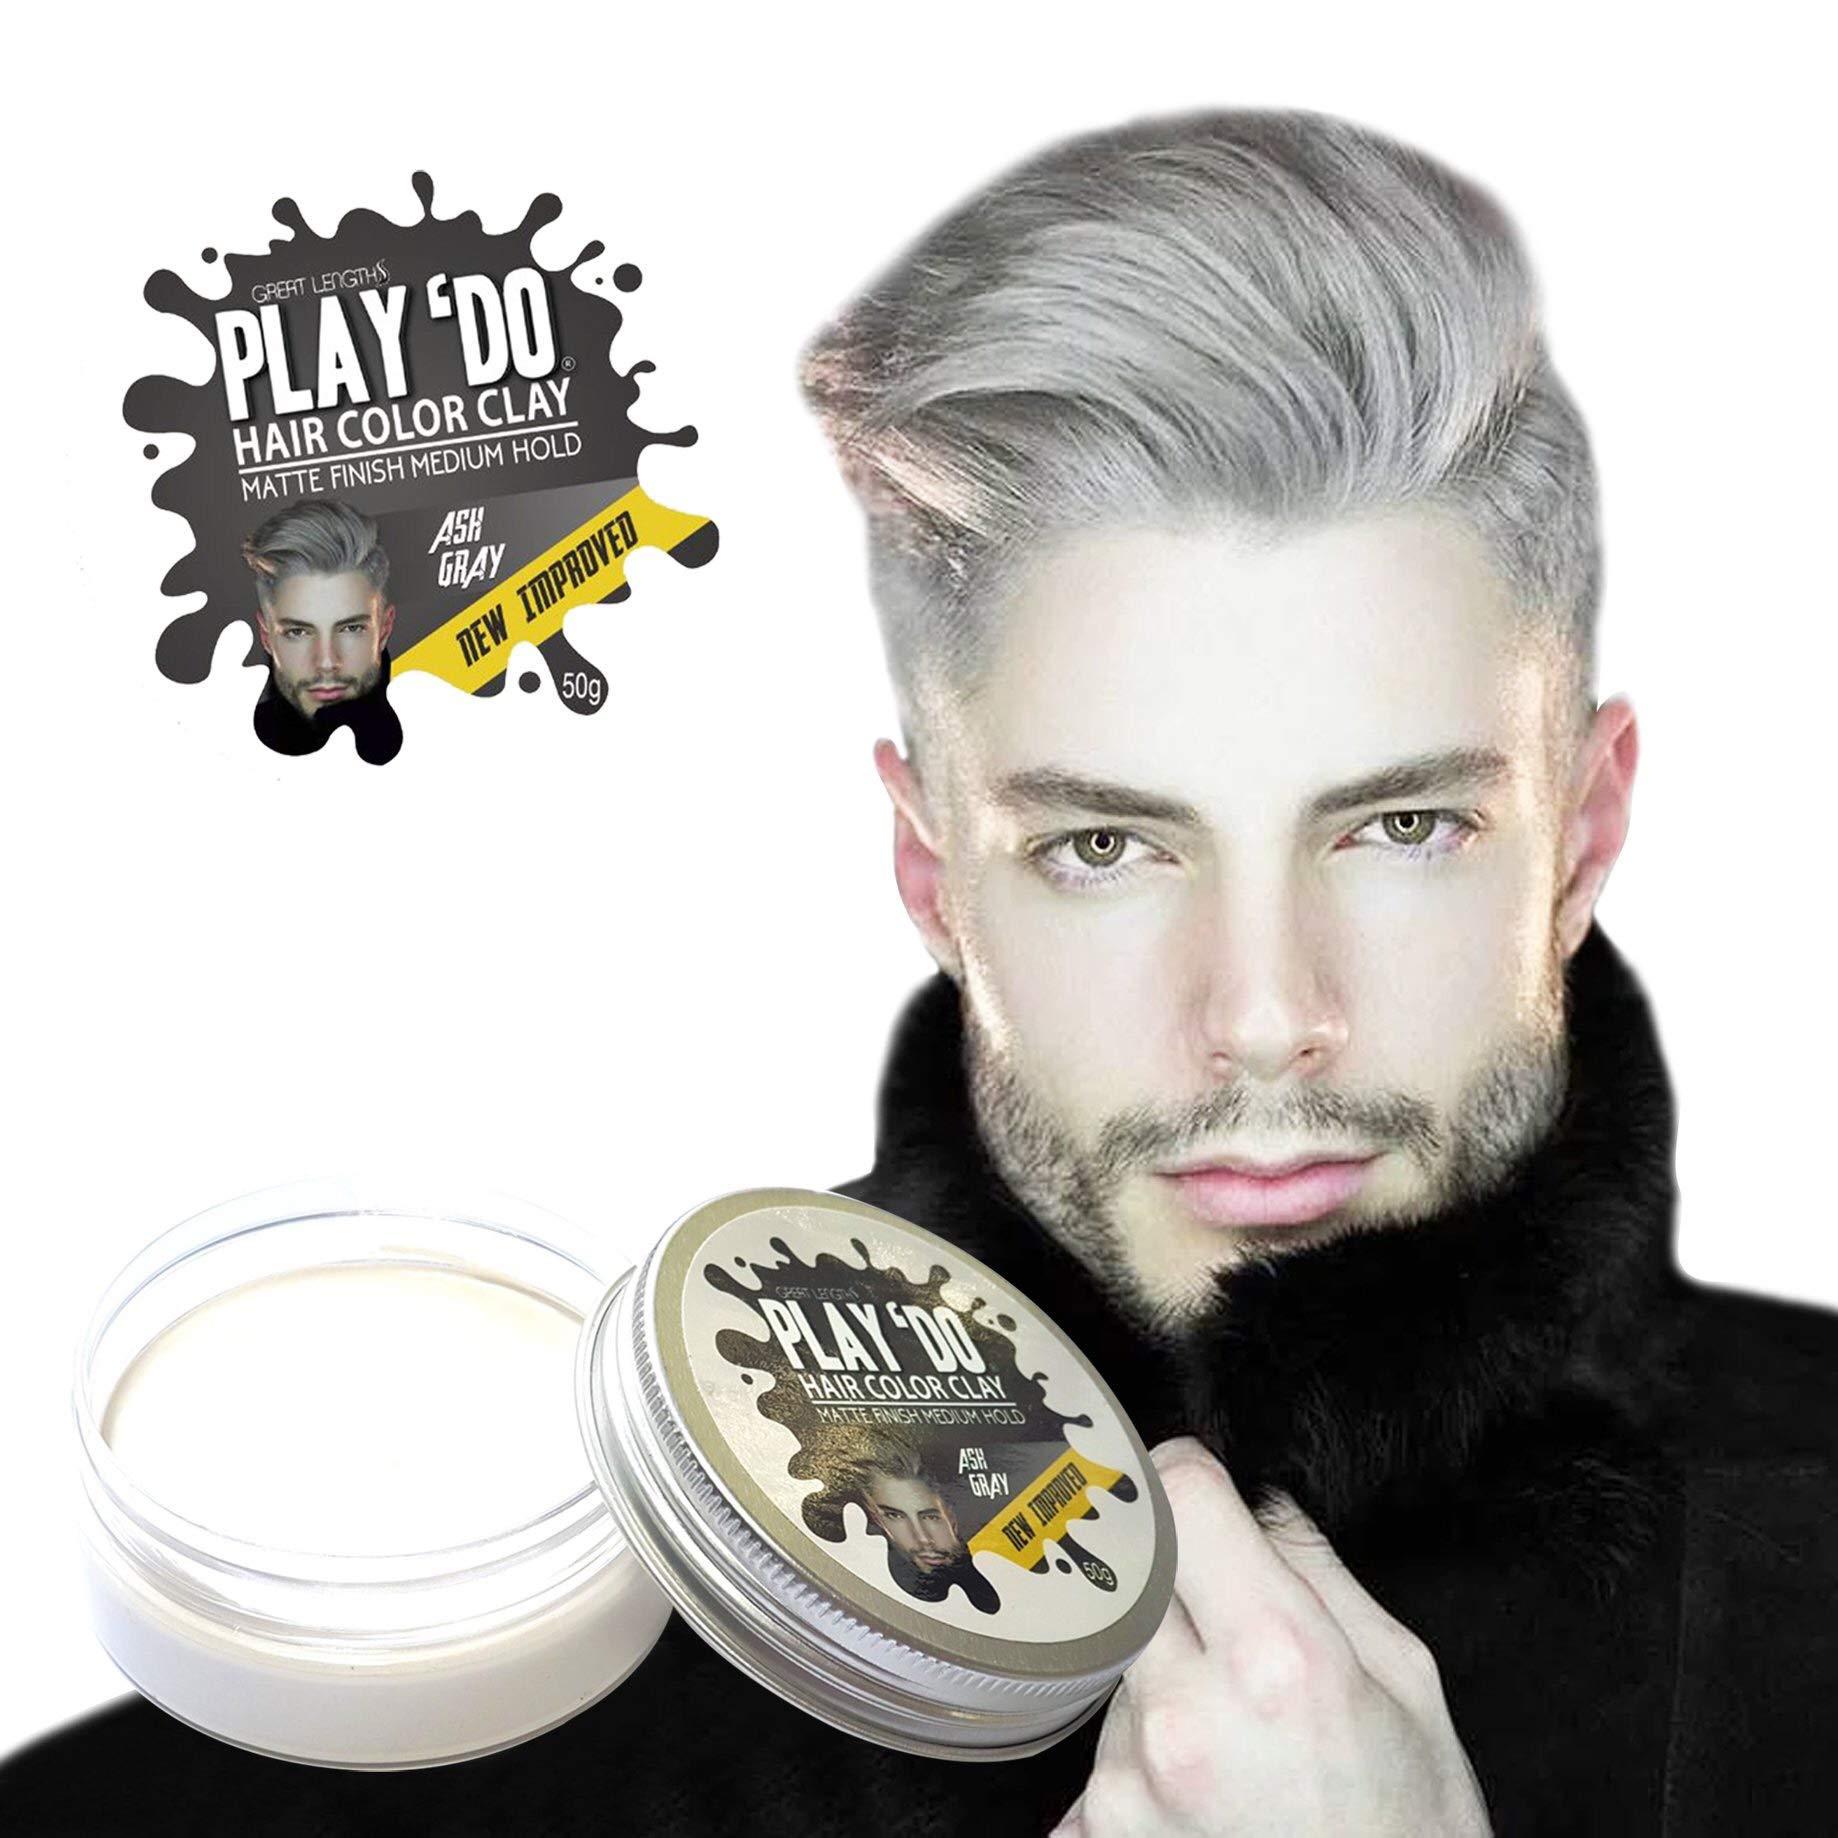 Play 'Do Temporary Hair Color, Hair Wax, Hair Clay, Mens Grooming, Gray hair, Pomade,White hair dye(1.8 ounces) ... by Great Lengths